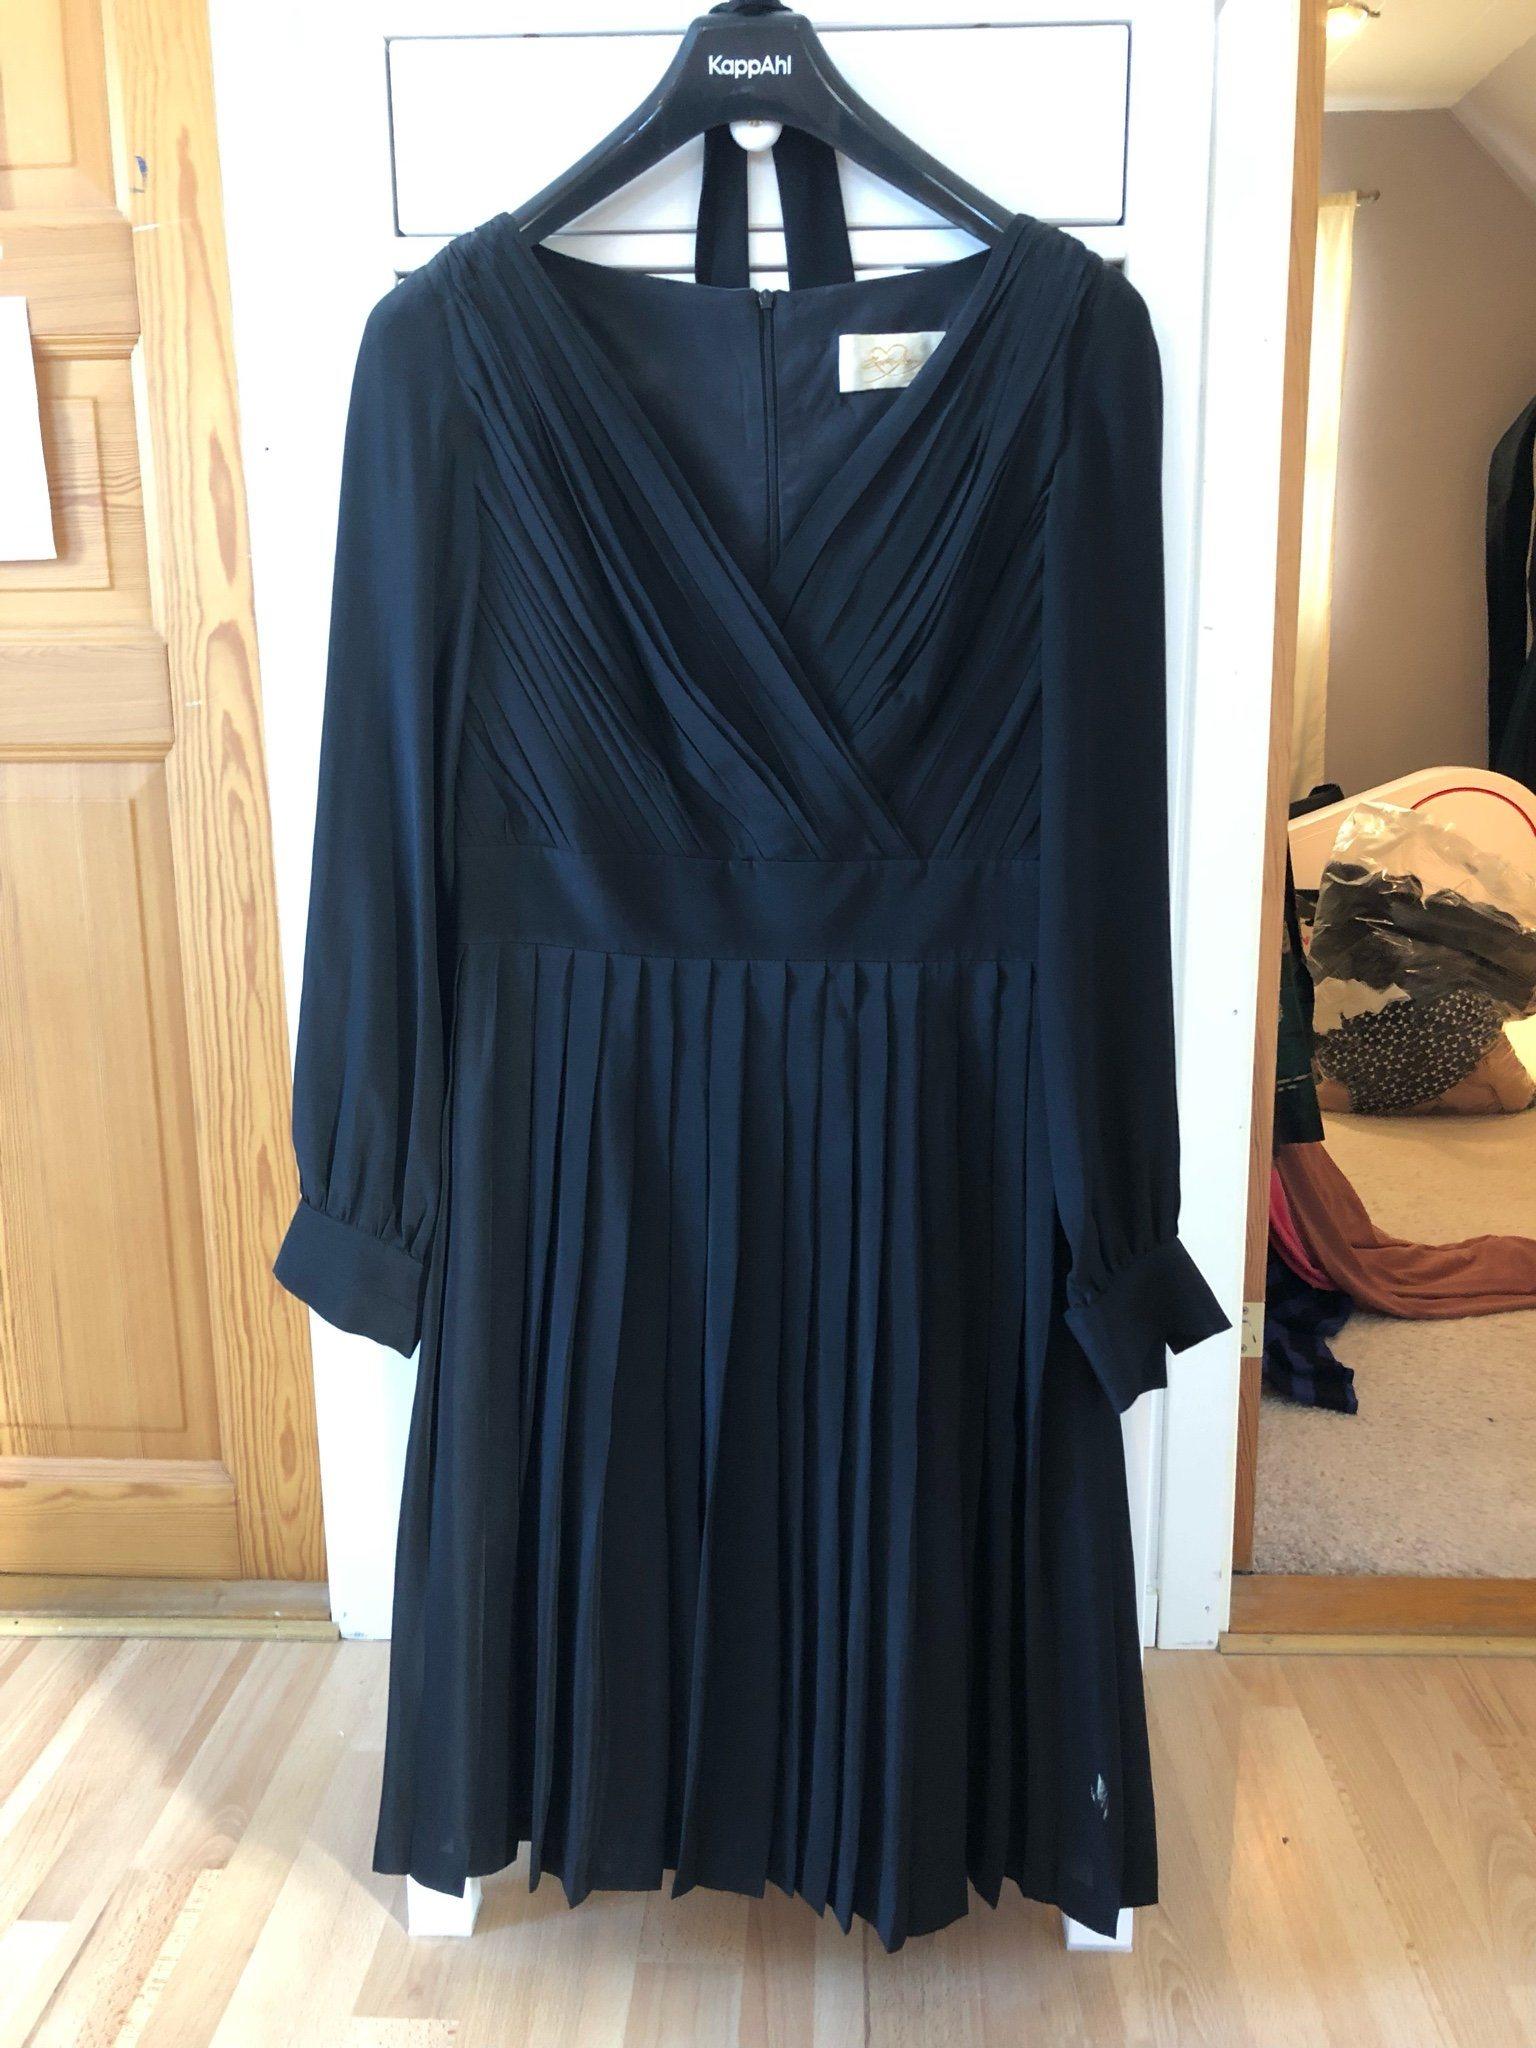 d25fe4dab03a Zetterberg klänning (343238473) ᐈ Köp på Tradera